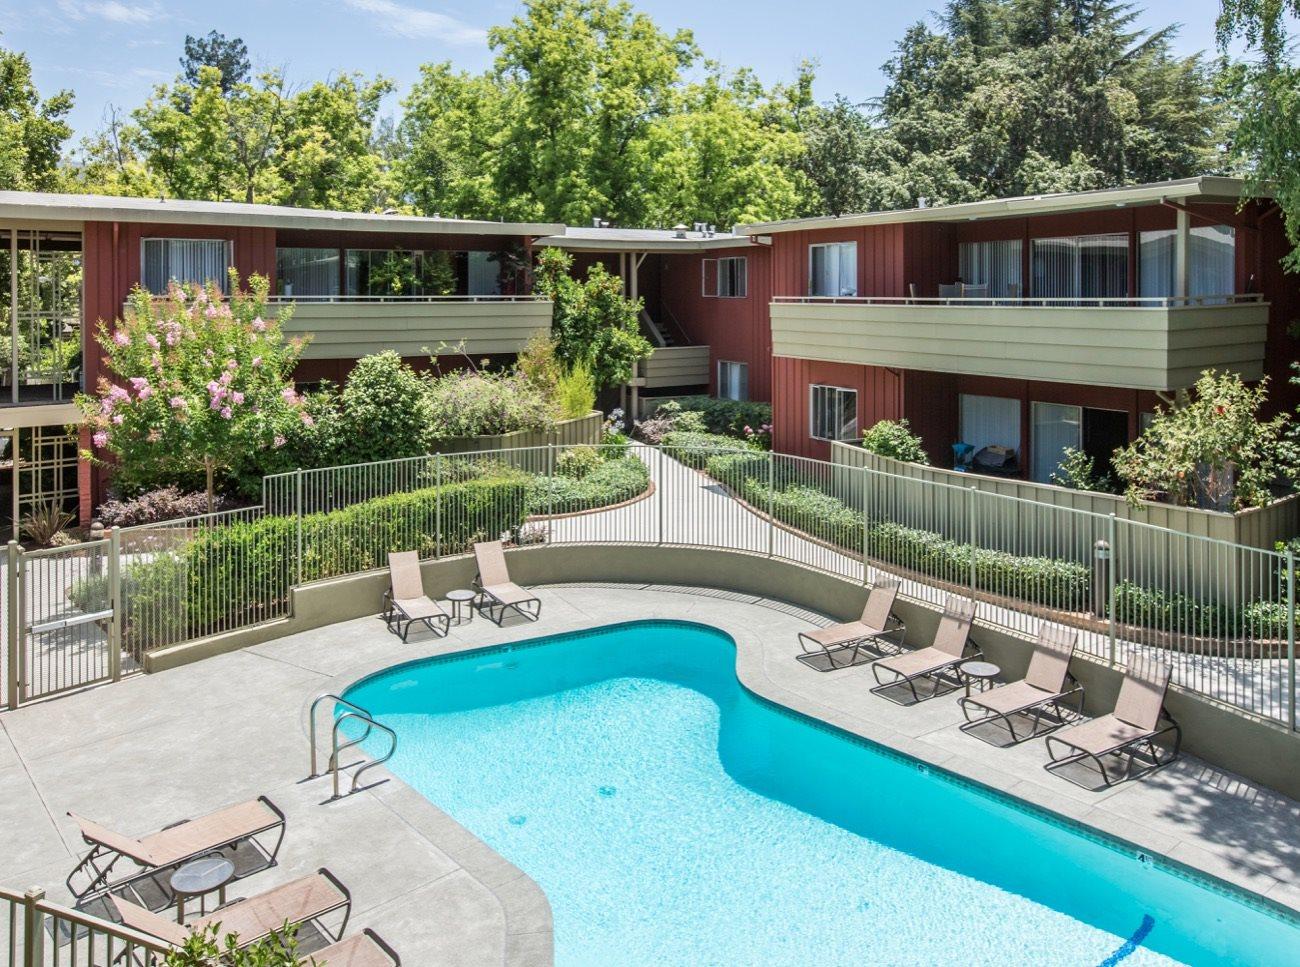 bay-tree-los-gatos-apartments-swimming-pool